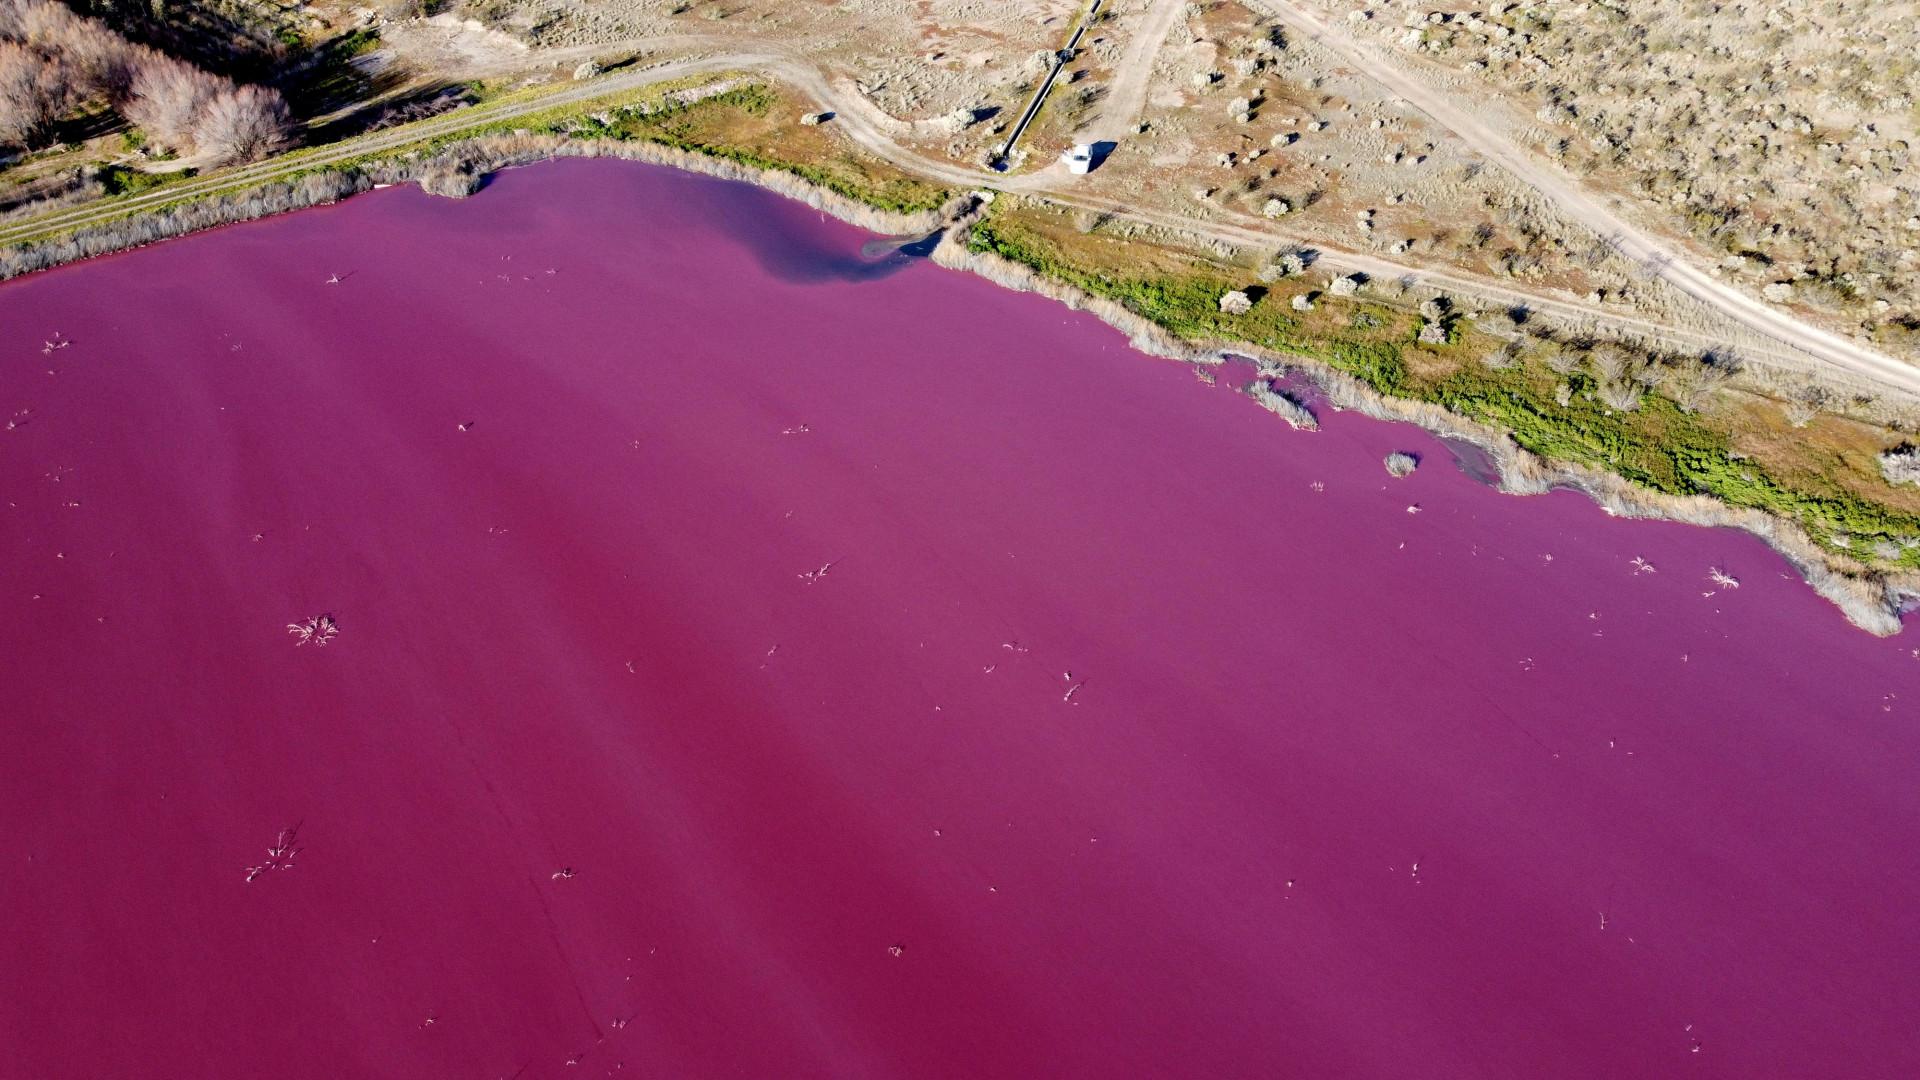 """La couleur rougeâtre ne cause pas de dommages"""", selon une responsable du contrôle environnemental"""